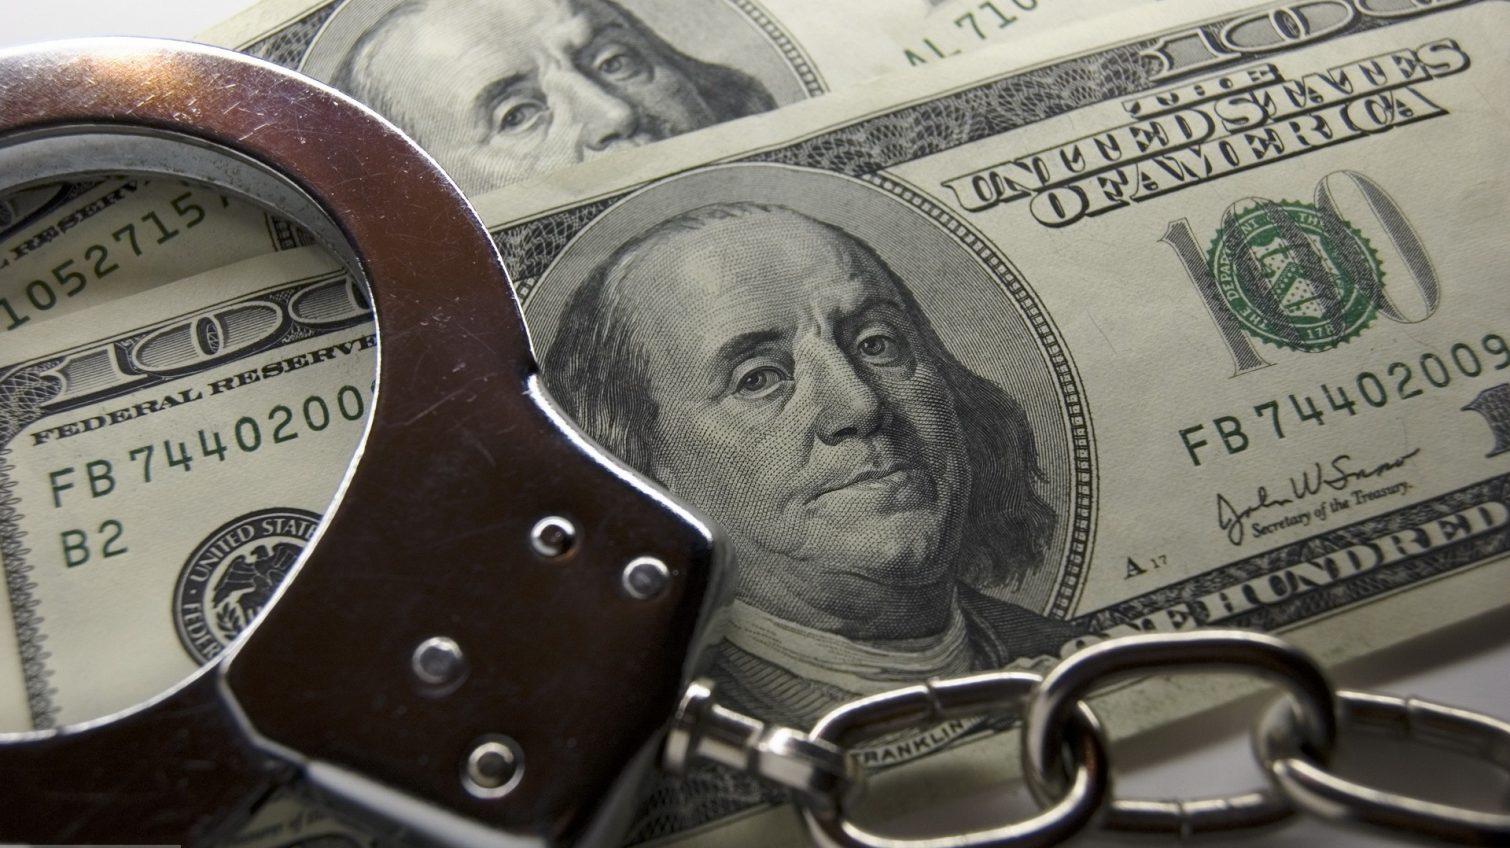 В Одессе сержант предлагал 700 долларов за получение офицерского звания «фото»